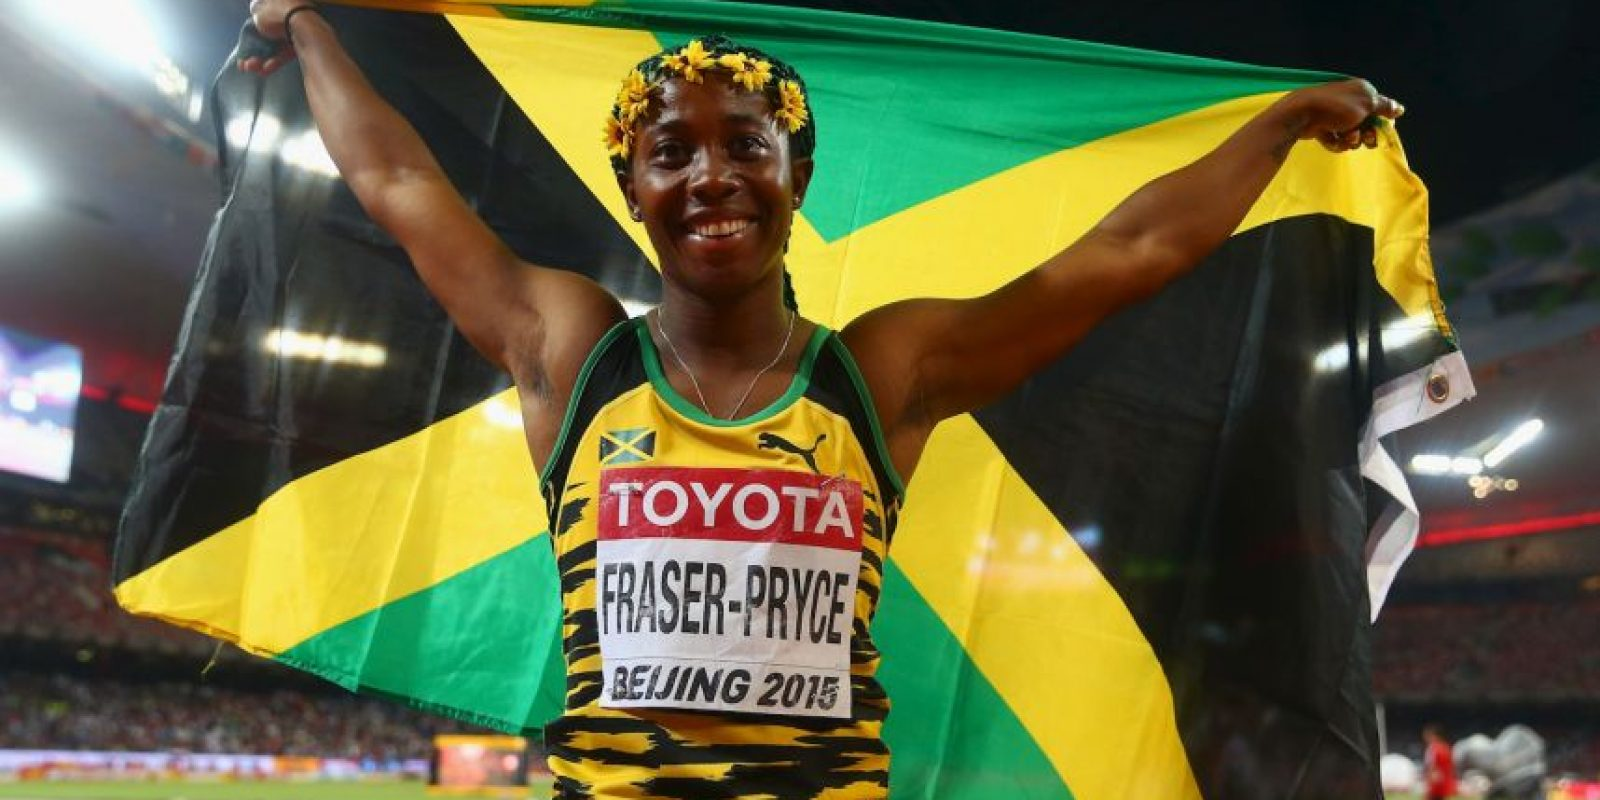 Shelly-Ann Fraser-Pryce (atletismo): La velocista jamaiquina es otra de las grandes sensaciones que tendrán los Juegos Olímpicos de Río 2016. Con sólo 1,56 metros de estatura, Pocket Rocket tiene un ritmo endemoniado sobre la pista y ya suma dos oros olímpicos consecutivos en los 100 metros, coronándose en Beijing 2008 y Londres 2012. Ahora quiere ser la primera mujer en conseguir tres preseas de oro seguidas en la prueba madre del atletismo. Además, sumó plata en los 200 y el 4×100 en la capital inglesa. Foto:Getty Images